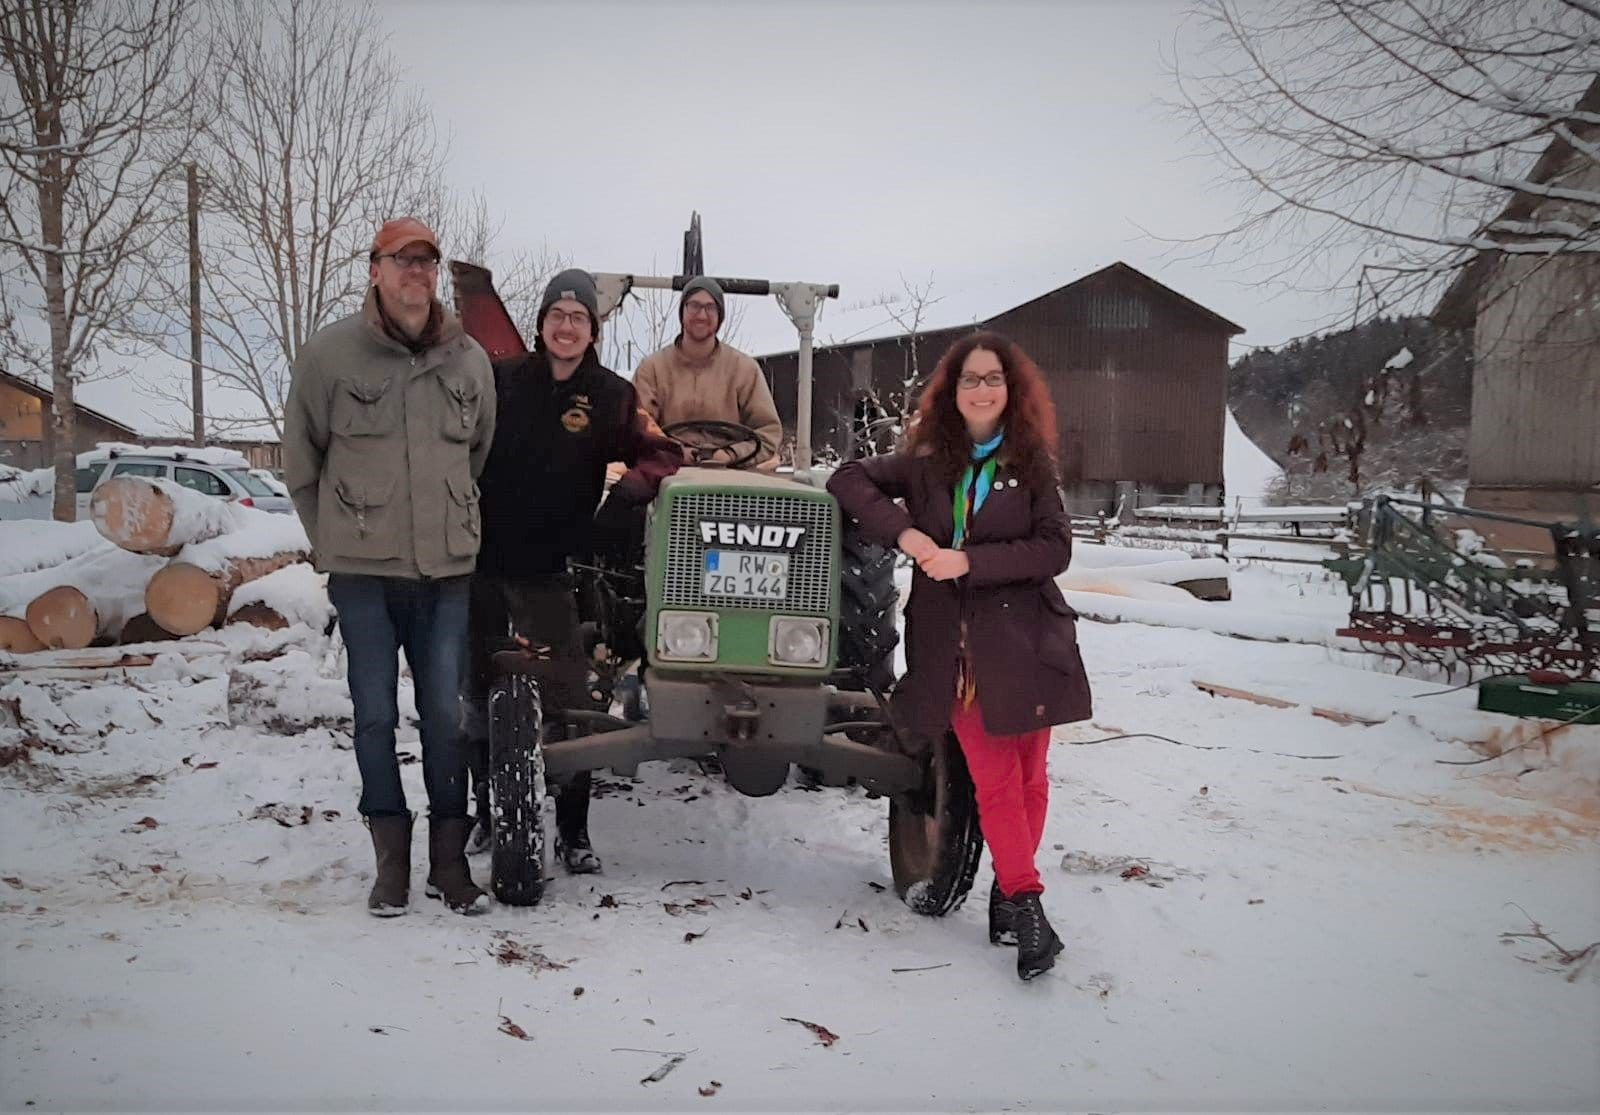 Sonja Rajsp, Landtagskandidatin der Grünen, besuchte kürzlich die Familie Dürr auf ihrem Biolandhof in Dunningen. Foto: pm